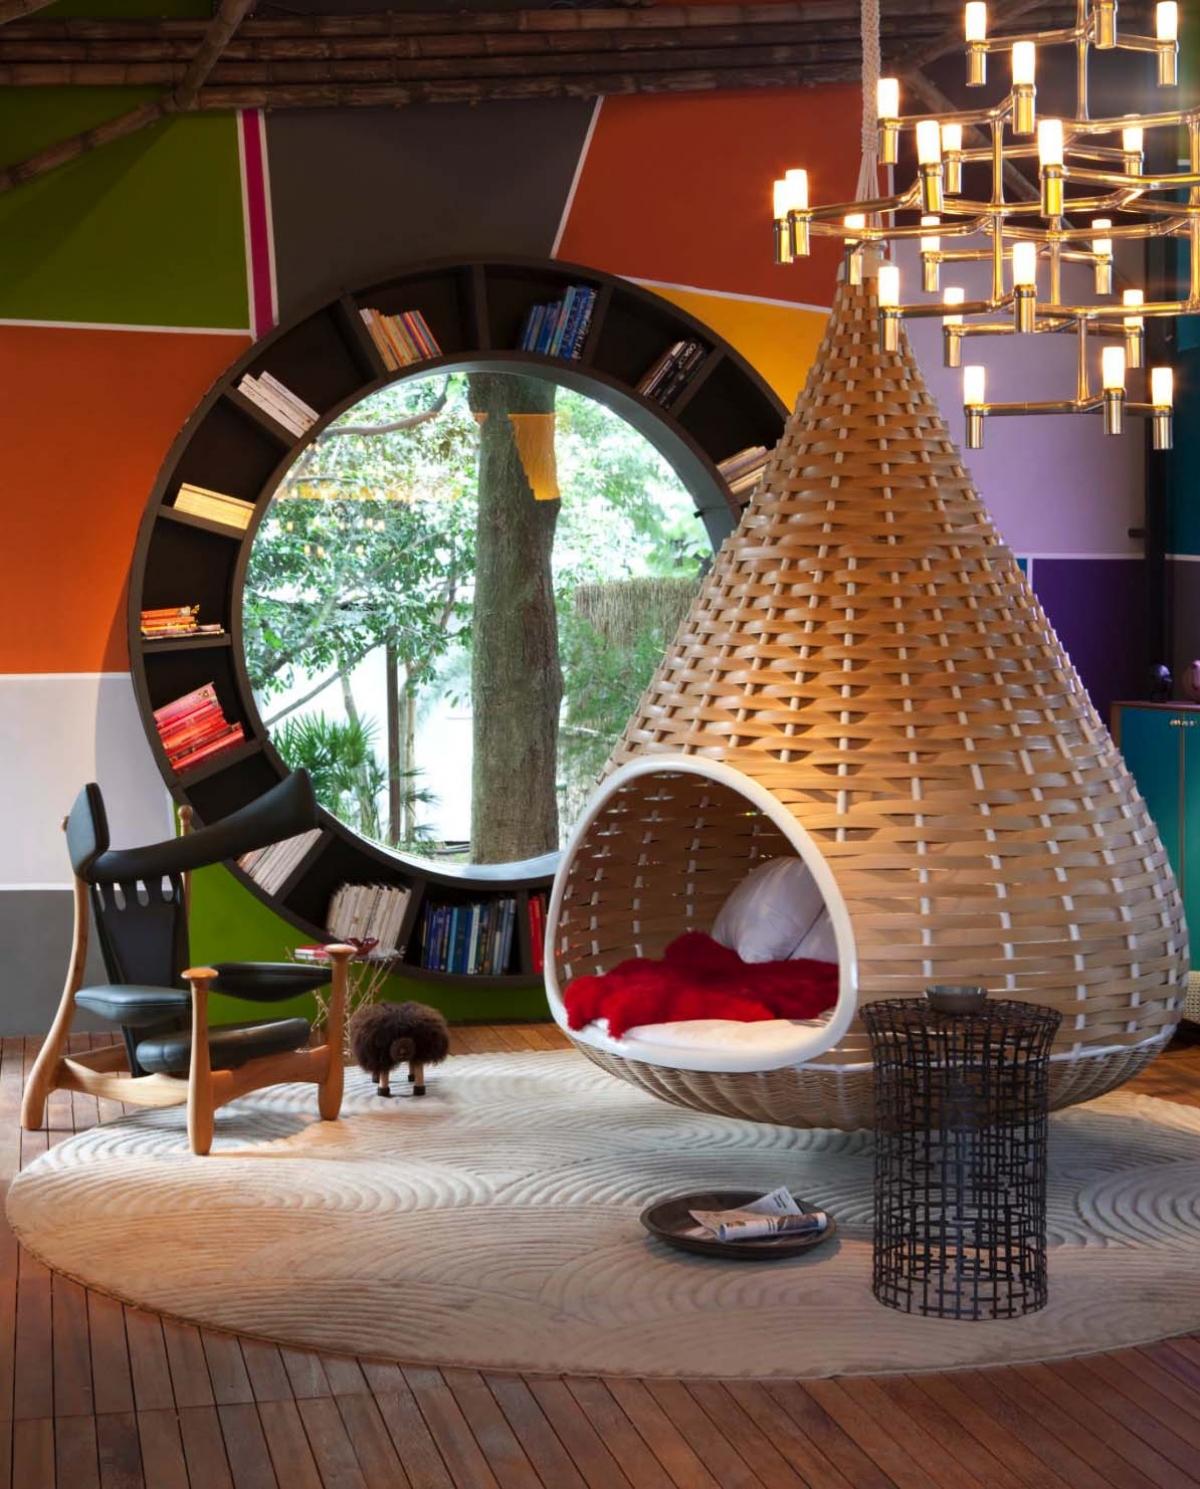 Trở về thời thơ ấu với niềm yêu thích đọc sách và những thiết kế sáng tạo. Ngôi nhà này đã chọn một tủ sách mới lạ, bức tường đầy màu sắc và bổ sung một chiếc ghế treo độc đáo./.